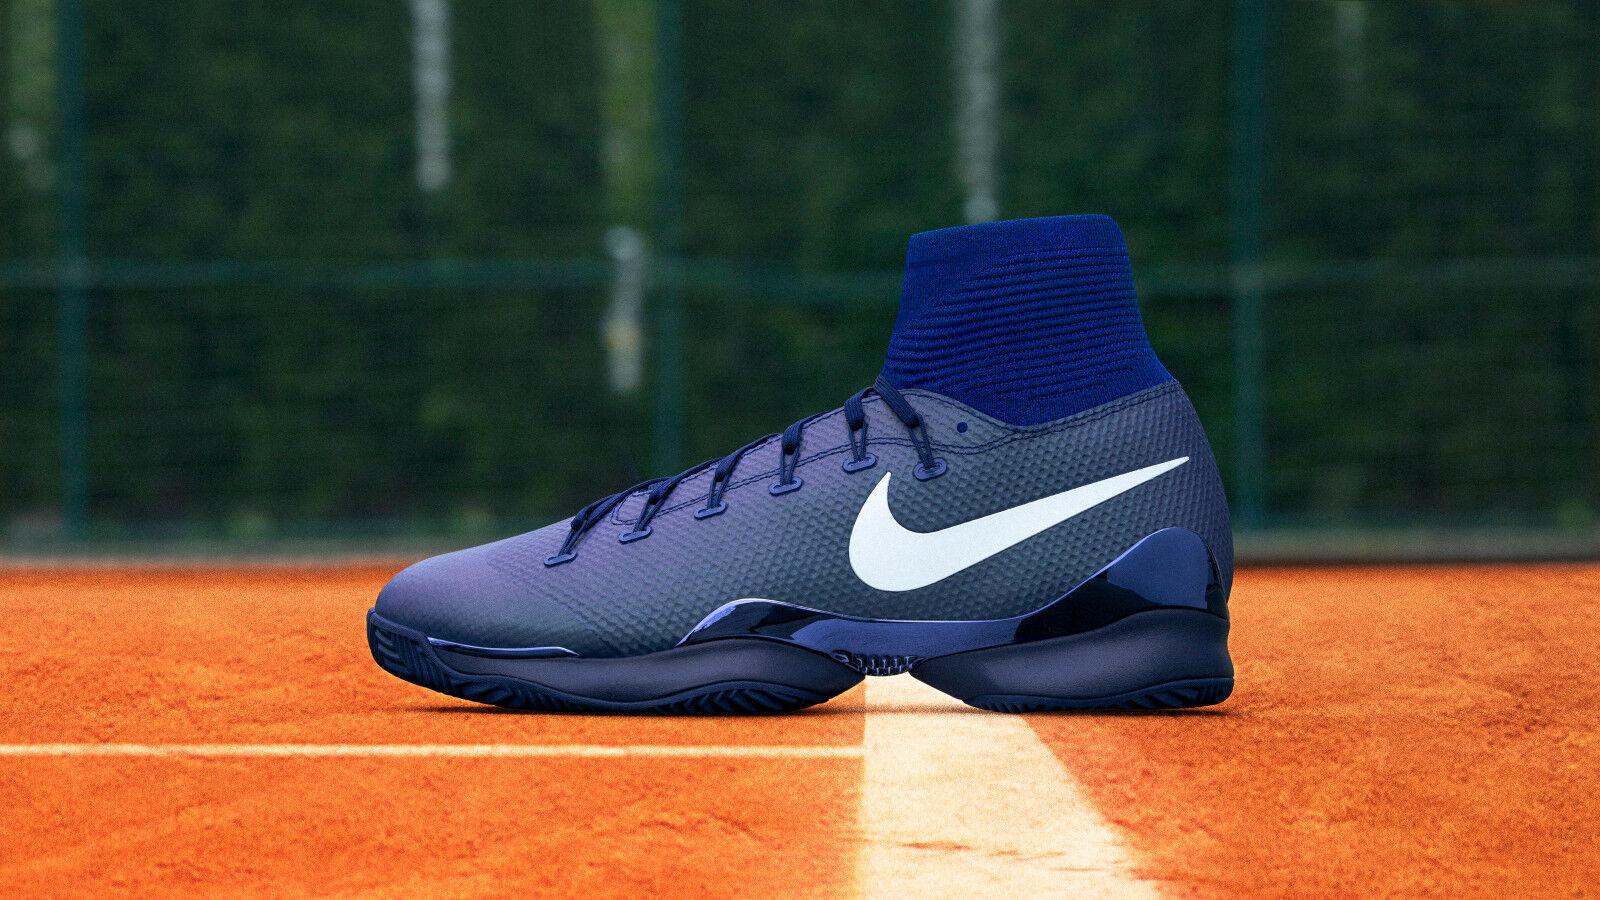 Da Donna Nike Air Zoom Ultrafly CLAY Blu QS Scarpe Da Ginnastica Blu CLAY EU 40.5 US9 a4a033